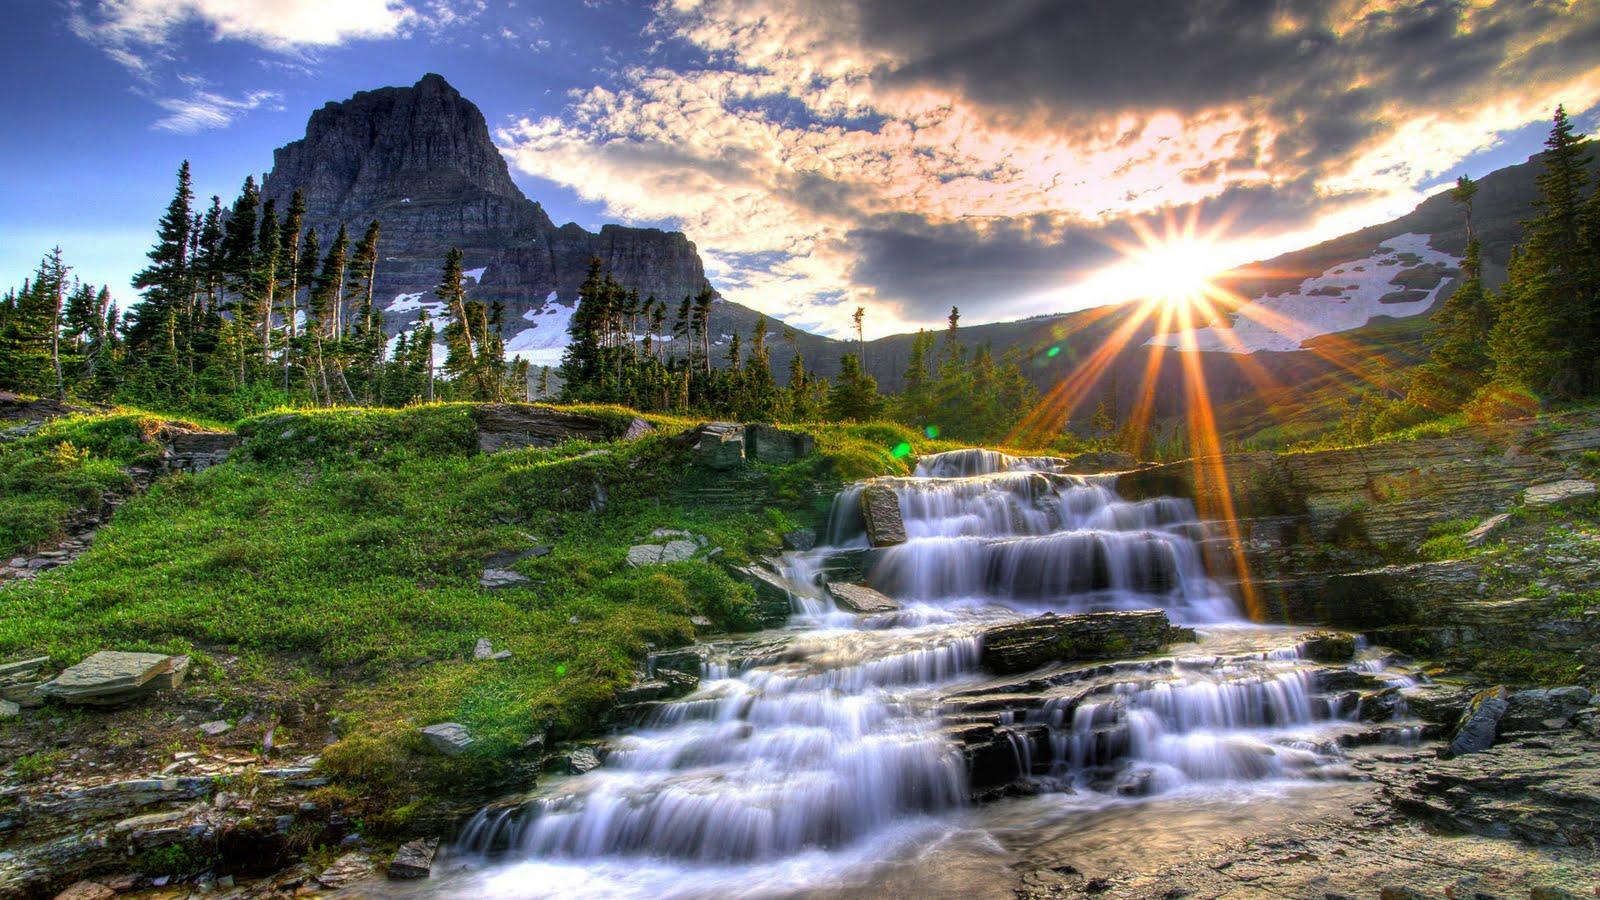 http://3.bp.blogspot.com/-z09Ide-Zg9k/Thd3gXhAirI/AAAAAAAACUc/Xmi9IntmOgs/s1600/Waterfall%2520high%2520quality%2520hd%2520wallpaper-1.jpg